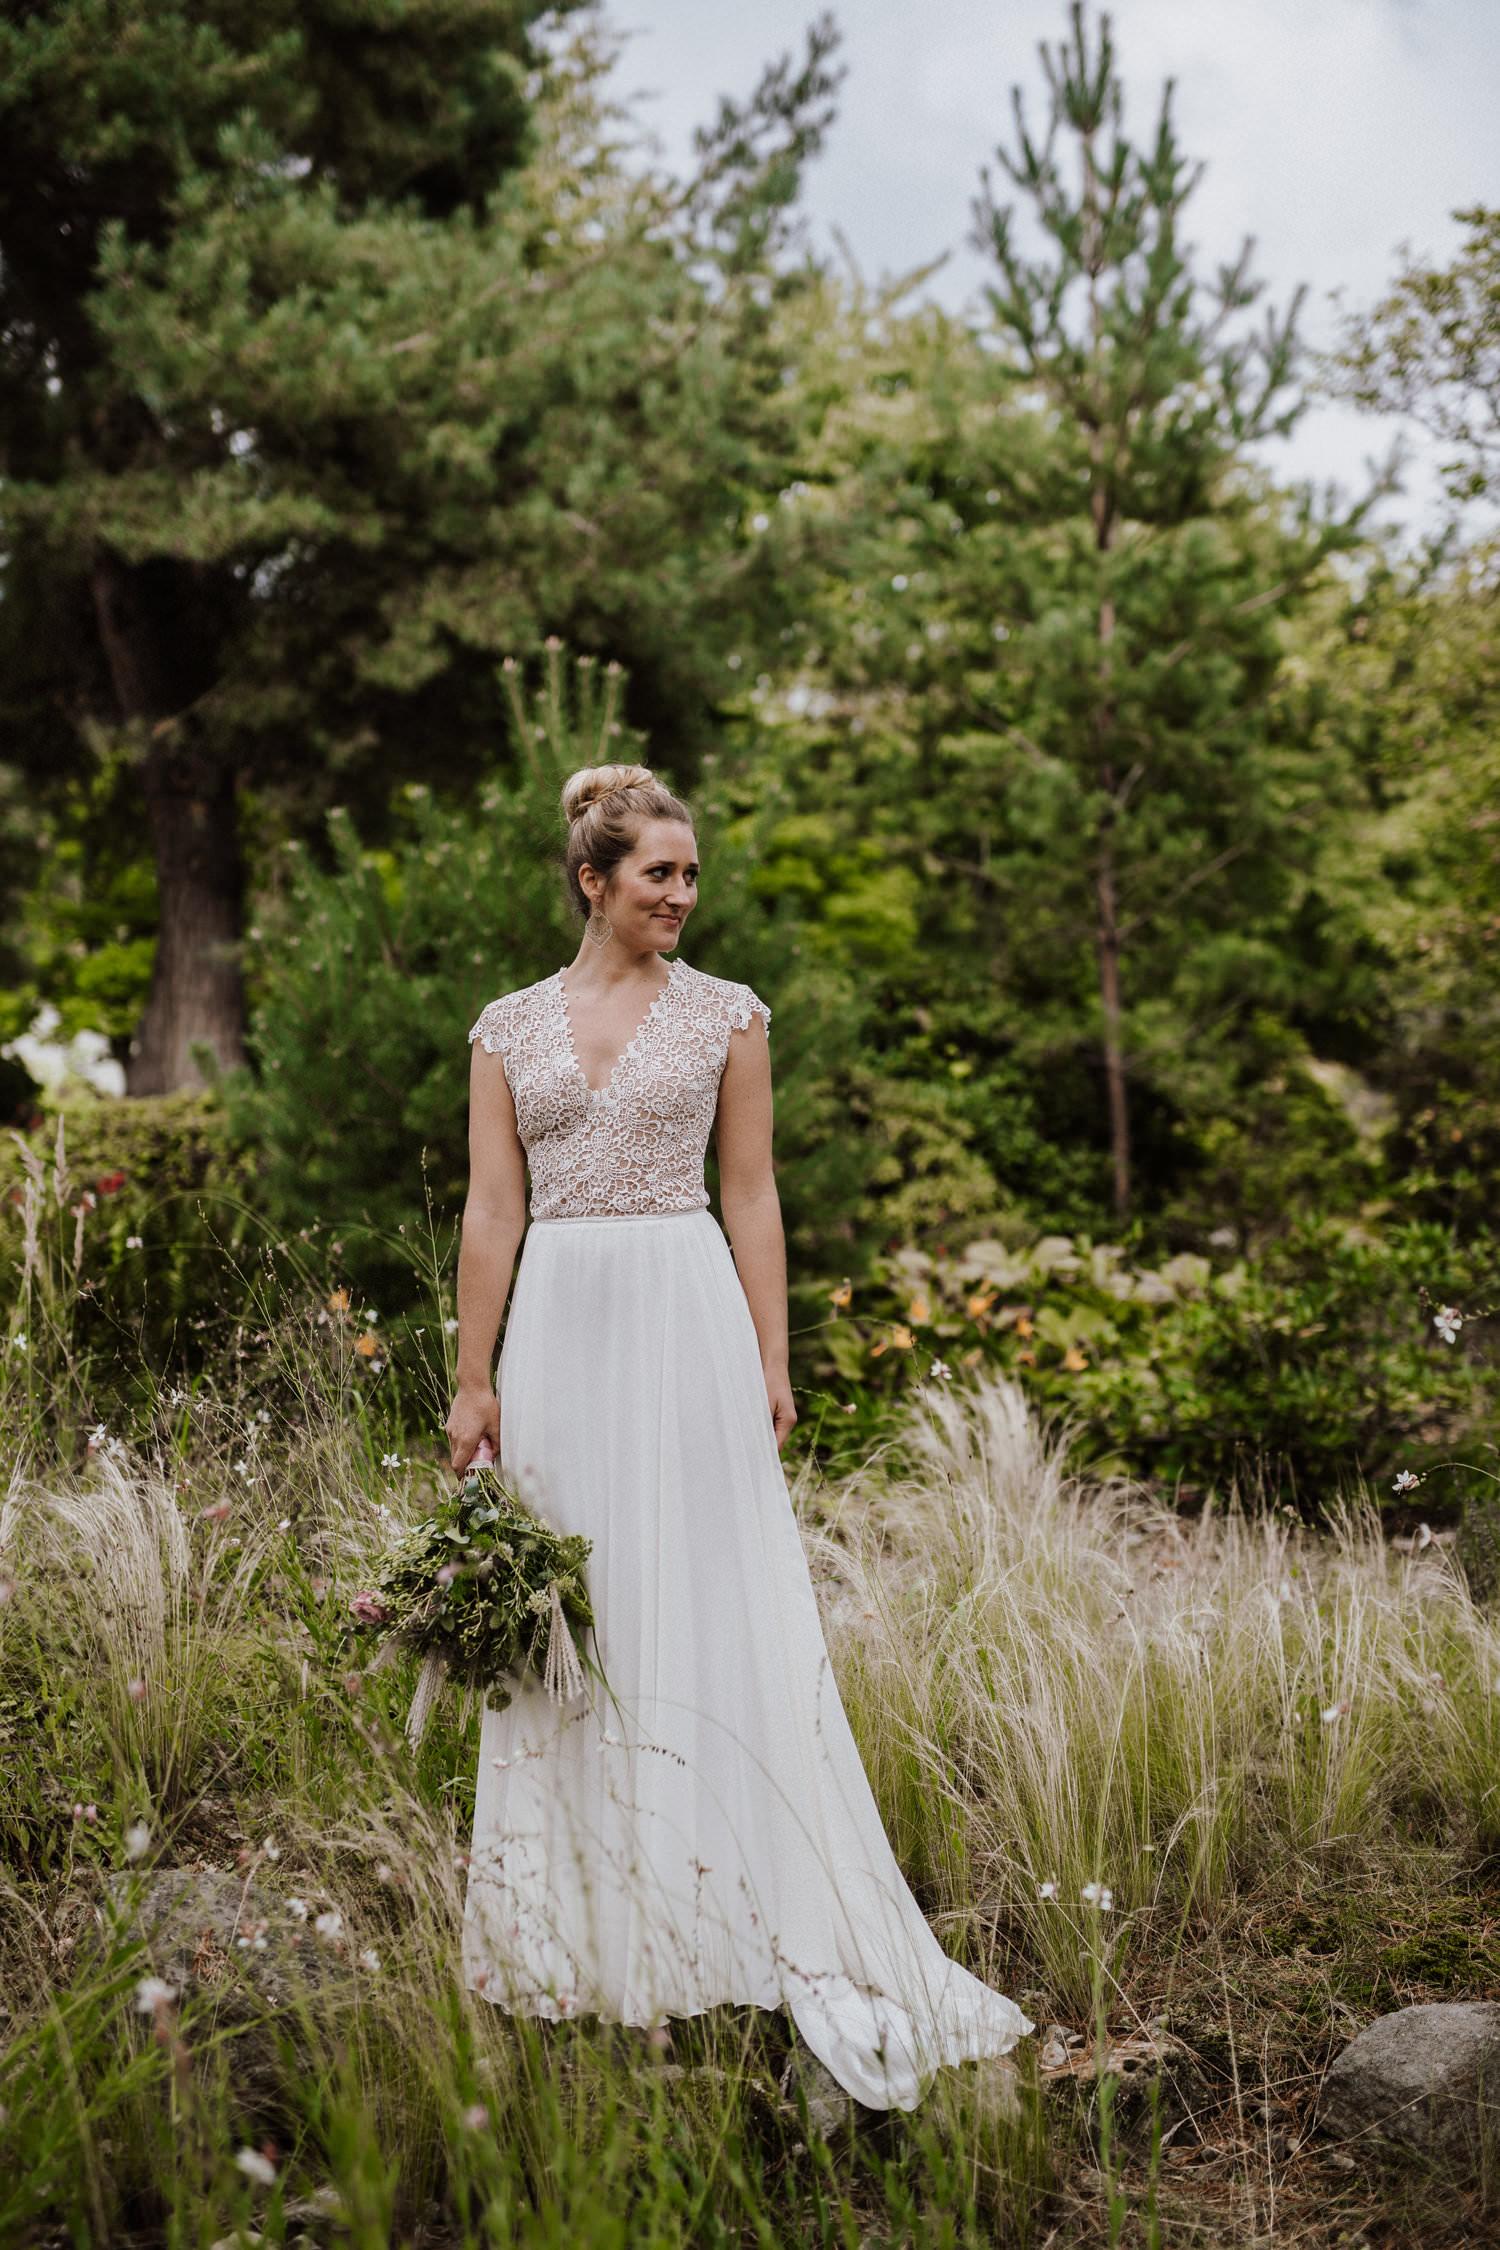 Brautkleid-mit-Ärmel-Carlotta-Claudia-Heller-Koeln-1